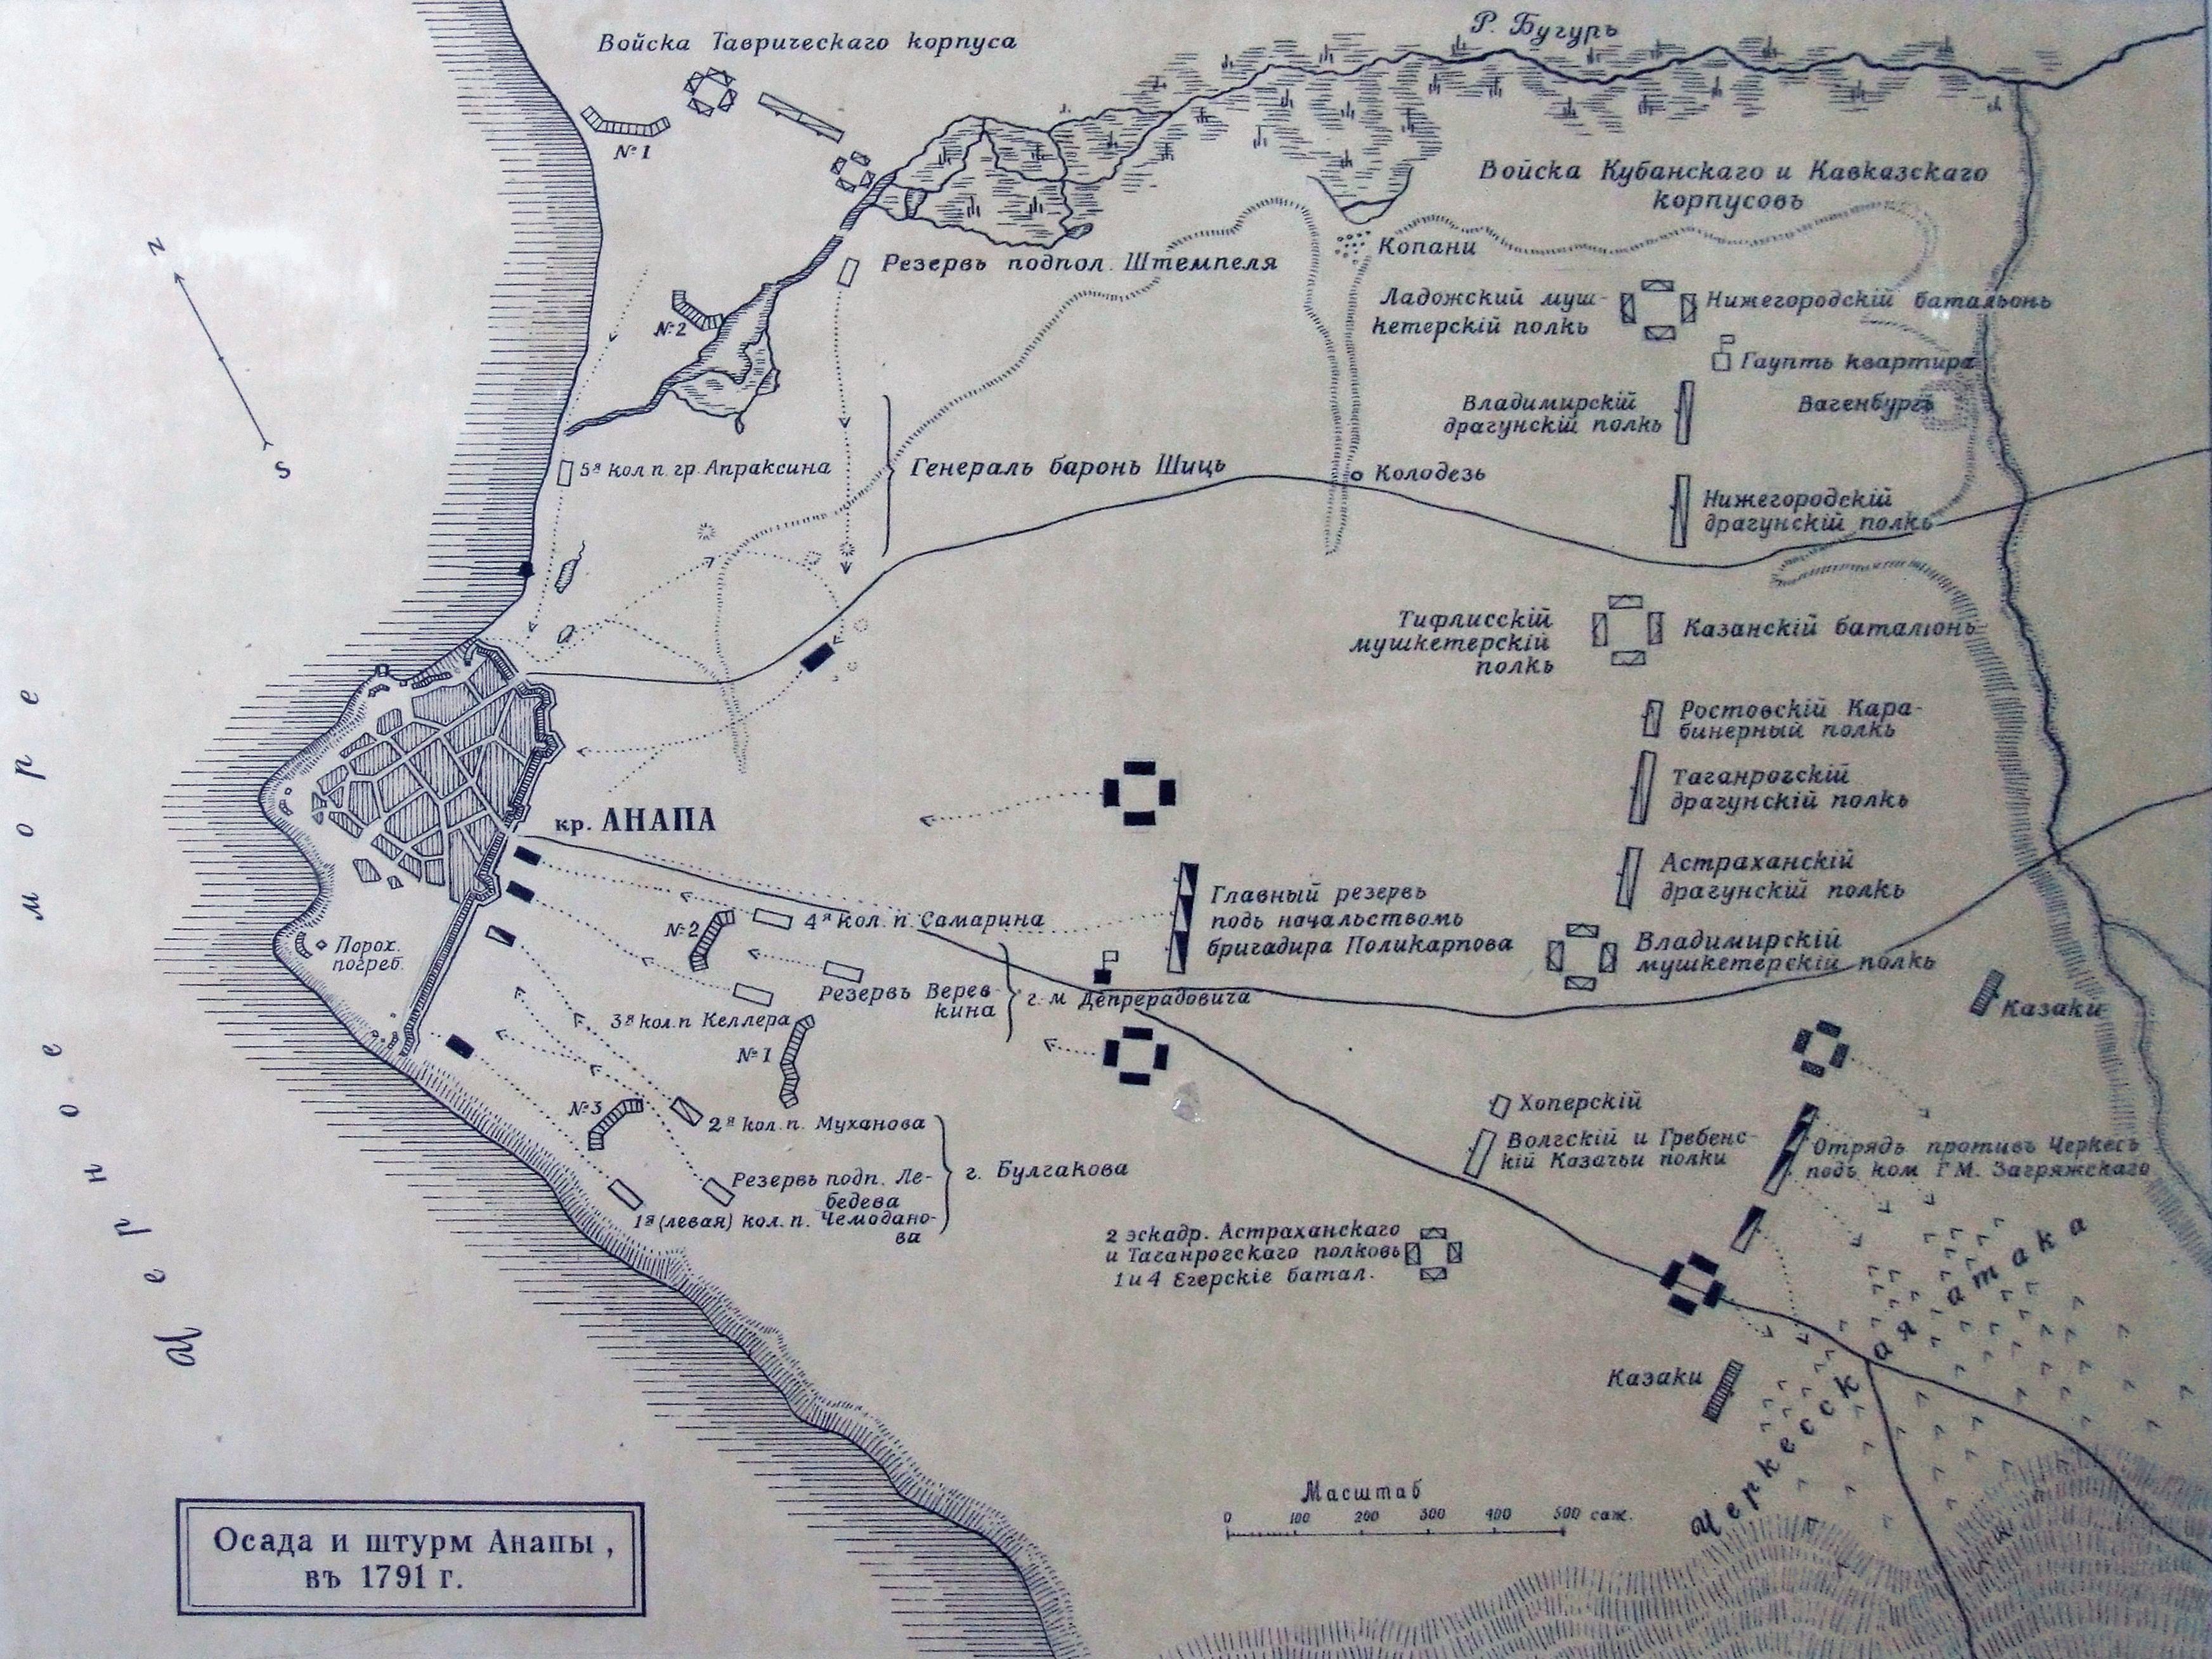 Карта - осада и штурм крепости Анапа